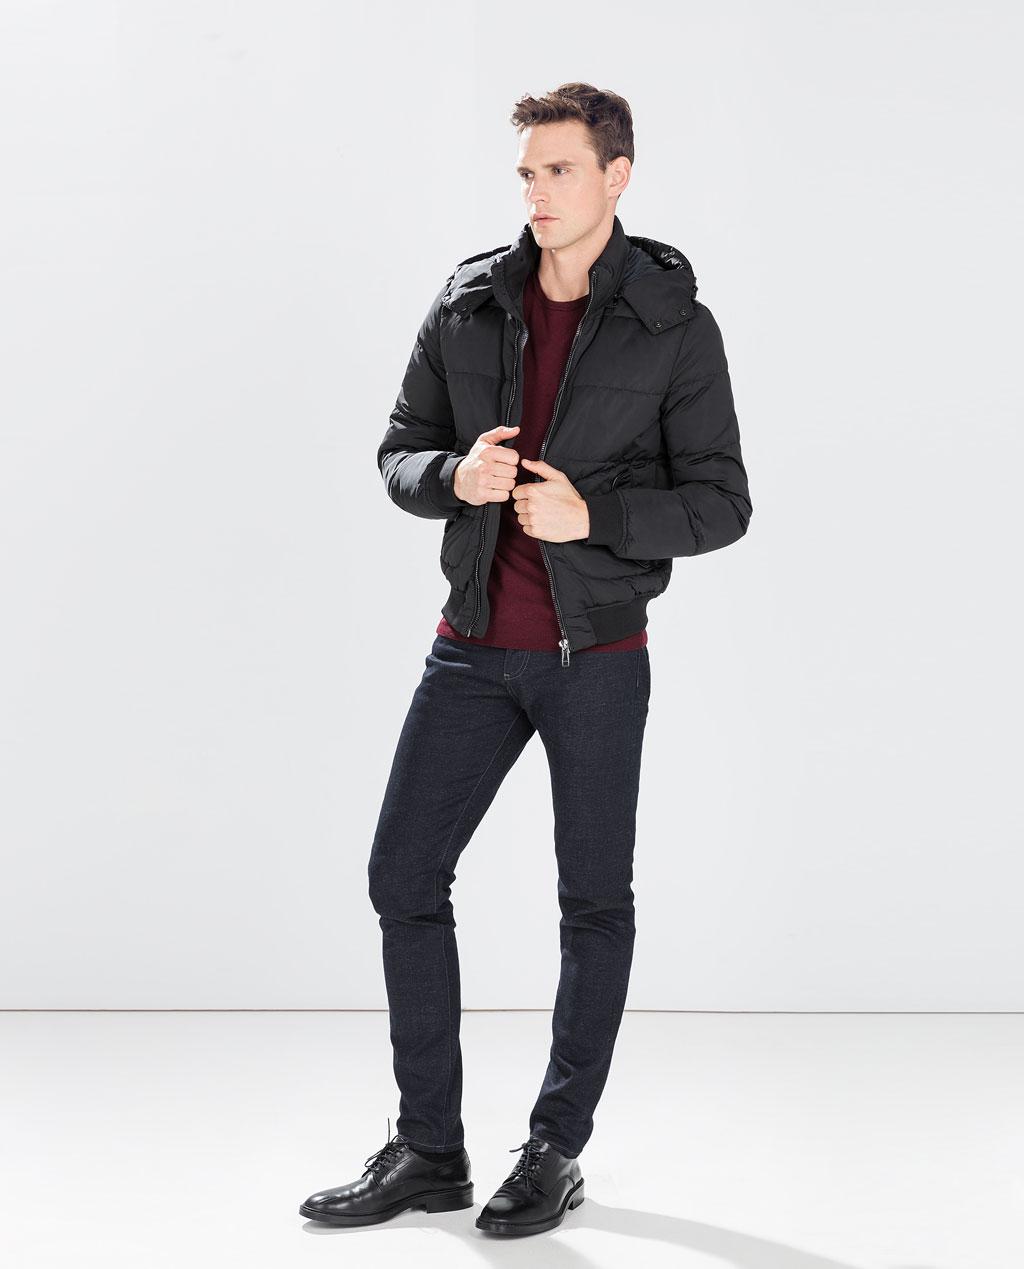 أحدث ملابس الشتاء للرجال 2019